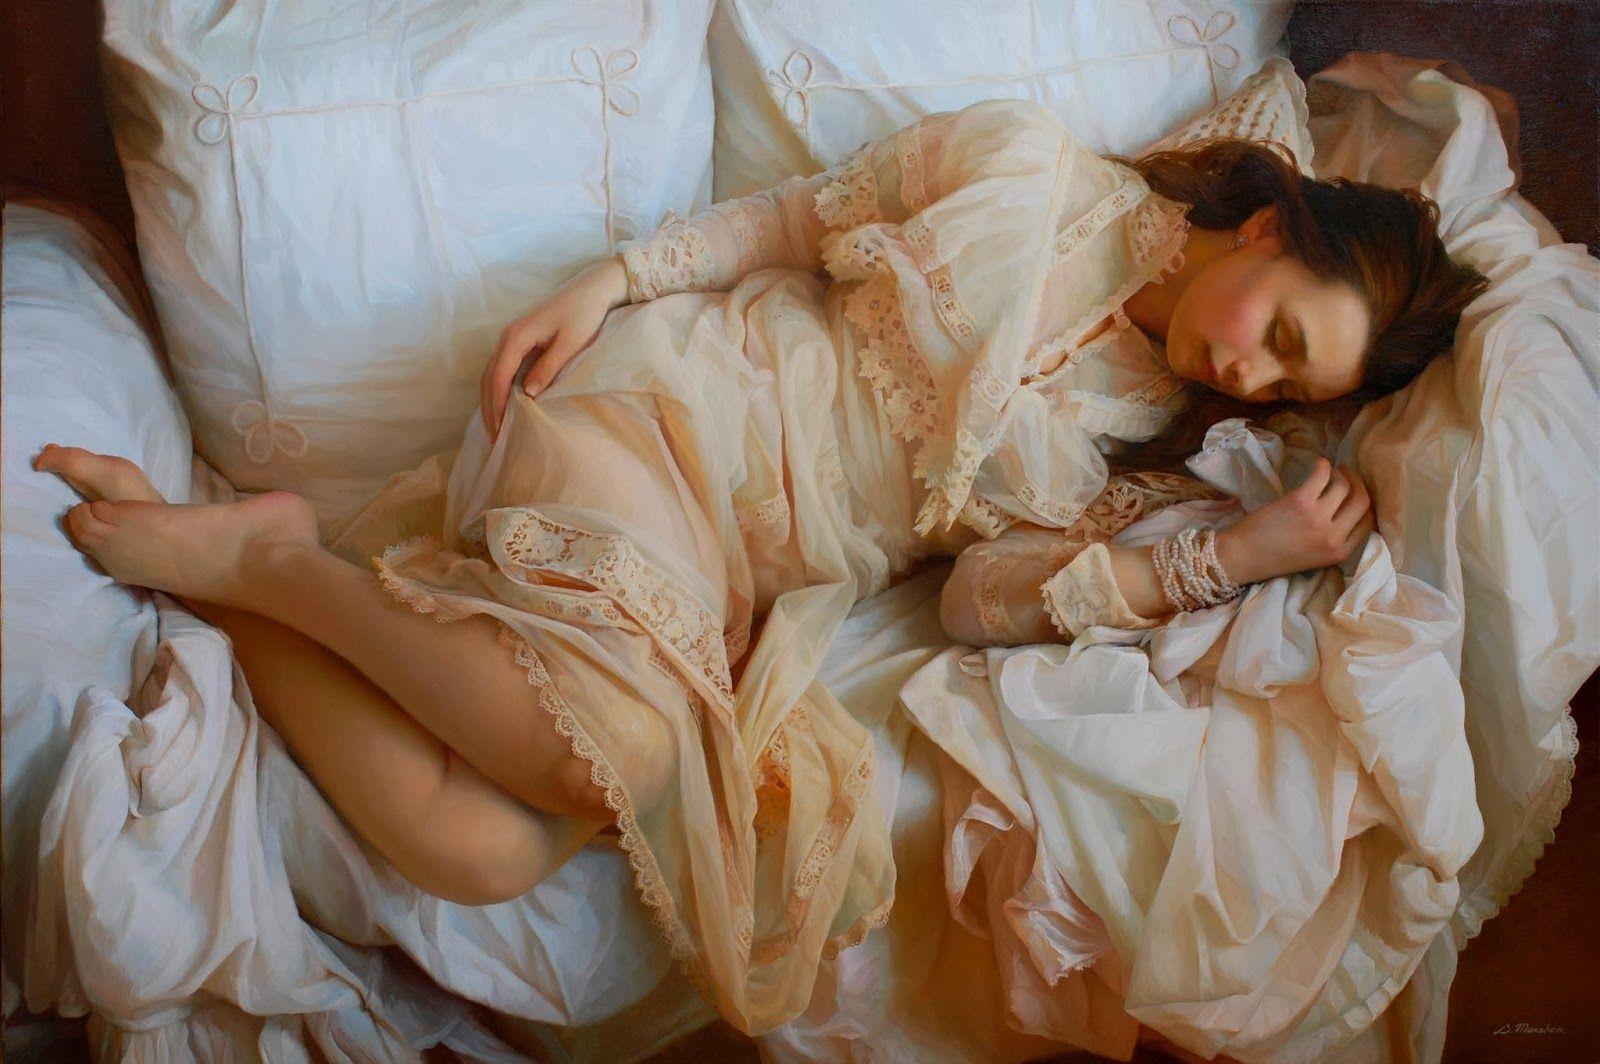 Разбудил женщина спала, необычная странная эротика